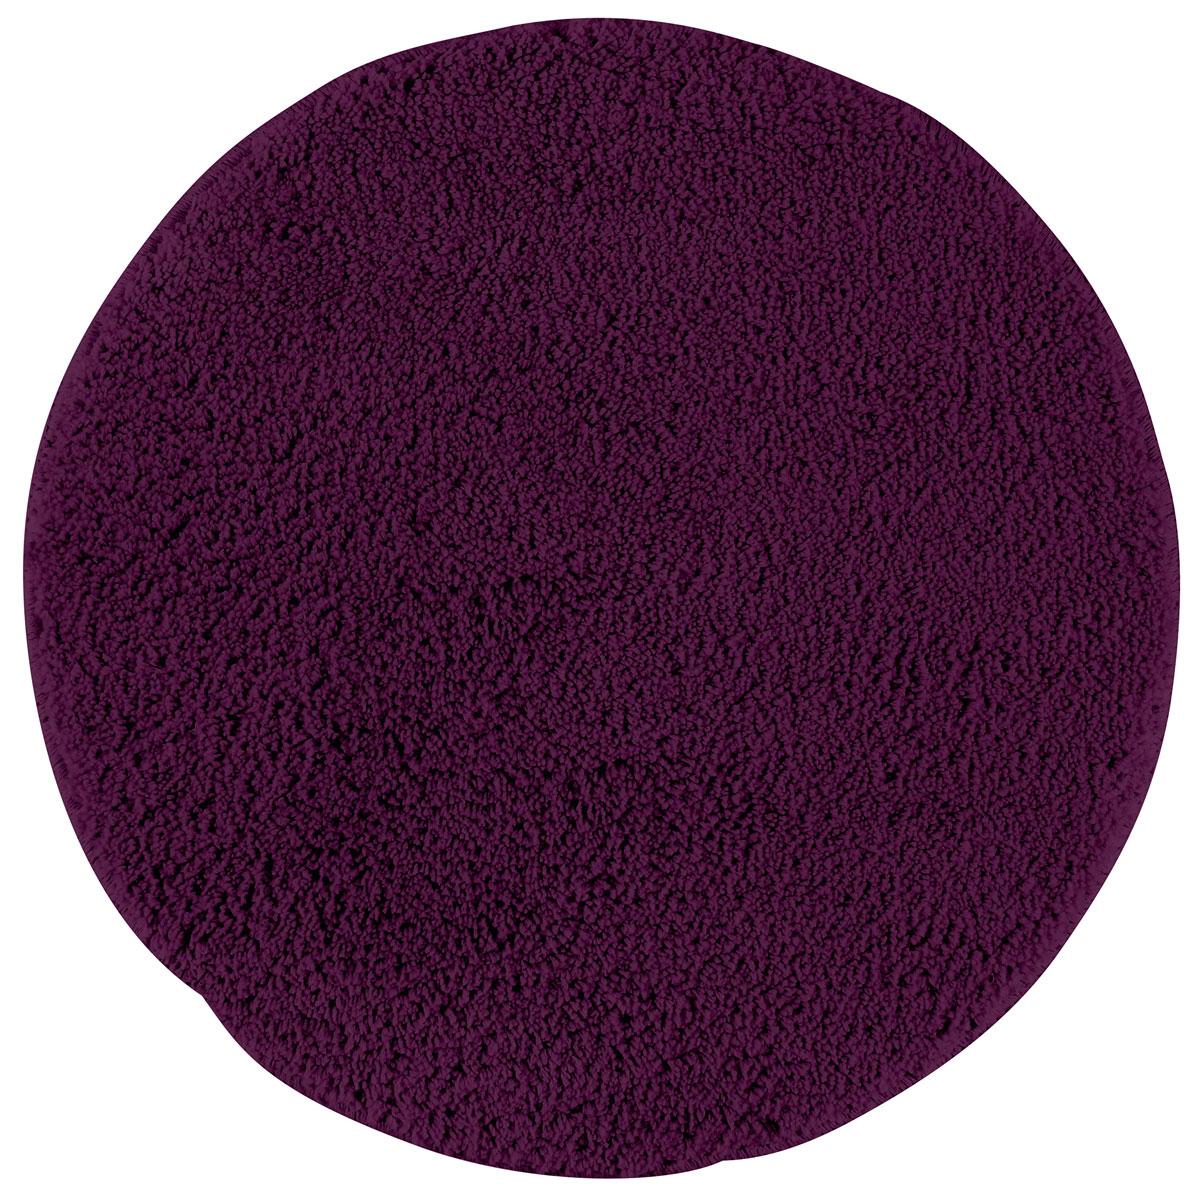 Коврик для ванной Axentia, противоскользящий, цвет: фиолетовый, диаметр 50 см116066Круглый коврик для ванной комнаты Axentia выполнен из высококачественной микрофибры. Противоскользящее основание изготовлено из термопластичной резины и подходит для полов с подогревом. Коврик стеганый, мягкий и приятный на ощупь, отлично впитывает влагу и быстро сохнет. Высокая износостойкость коврика и стойкость цвета позволит вам наслаждаться покупкой долгие годы. Можно стирать в стиральной машине. Диаметр коврика: 50 см. Высота ворса: 1,5 см.